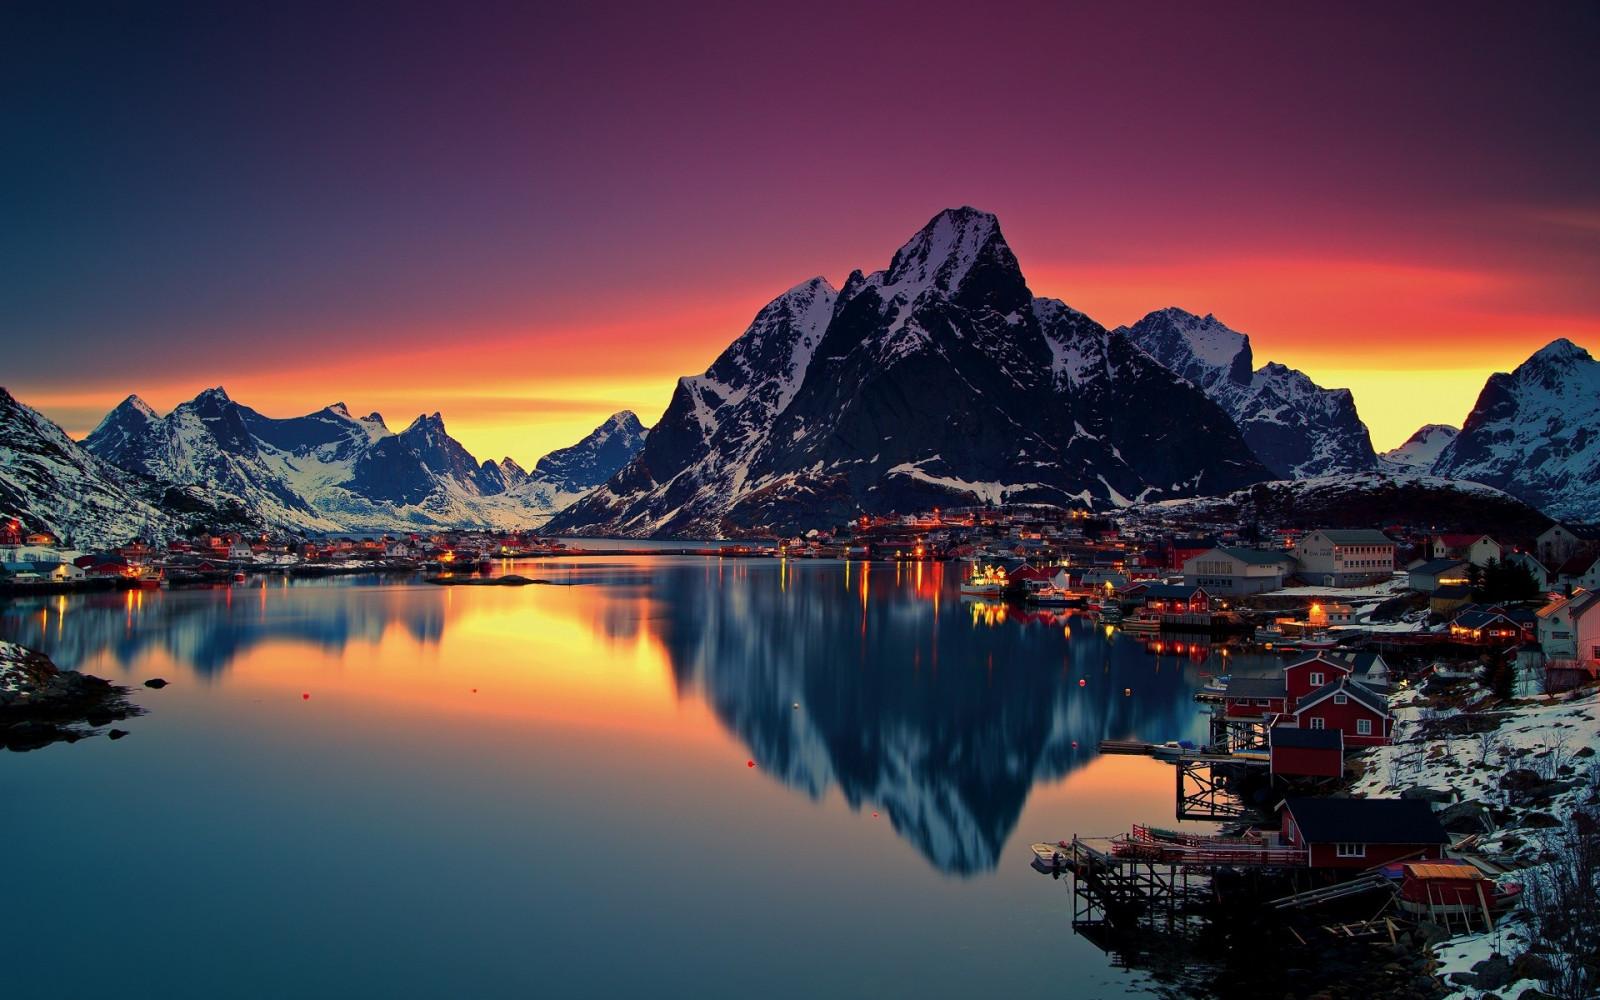 Sfondi  paesaggio montagne tramonto mare lago acqua